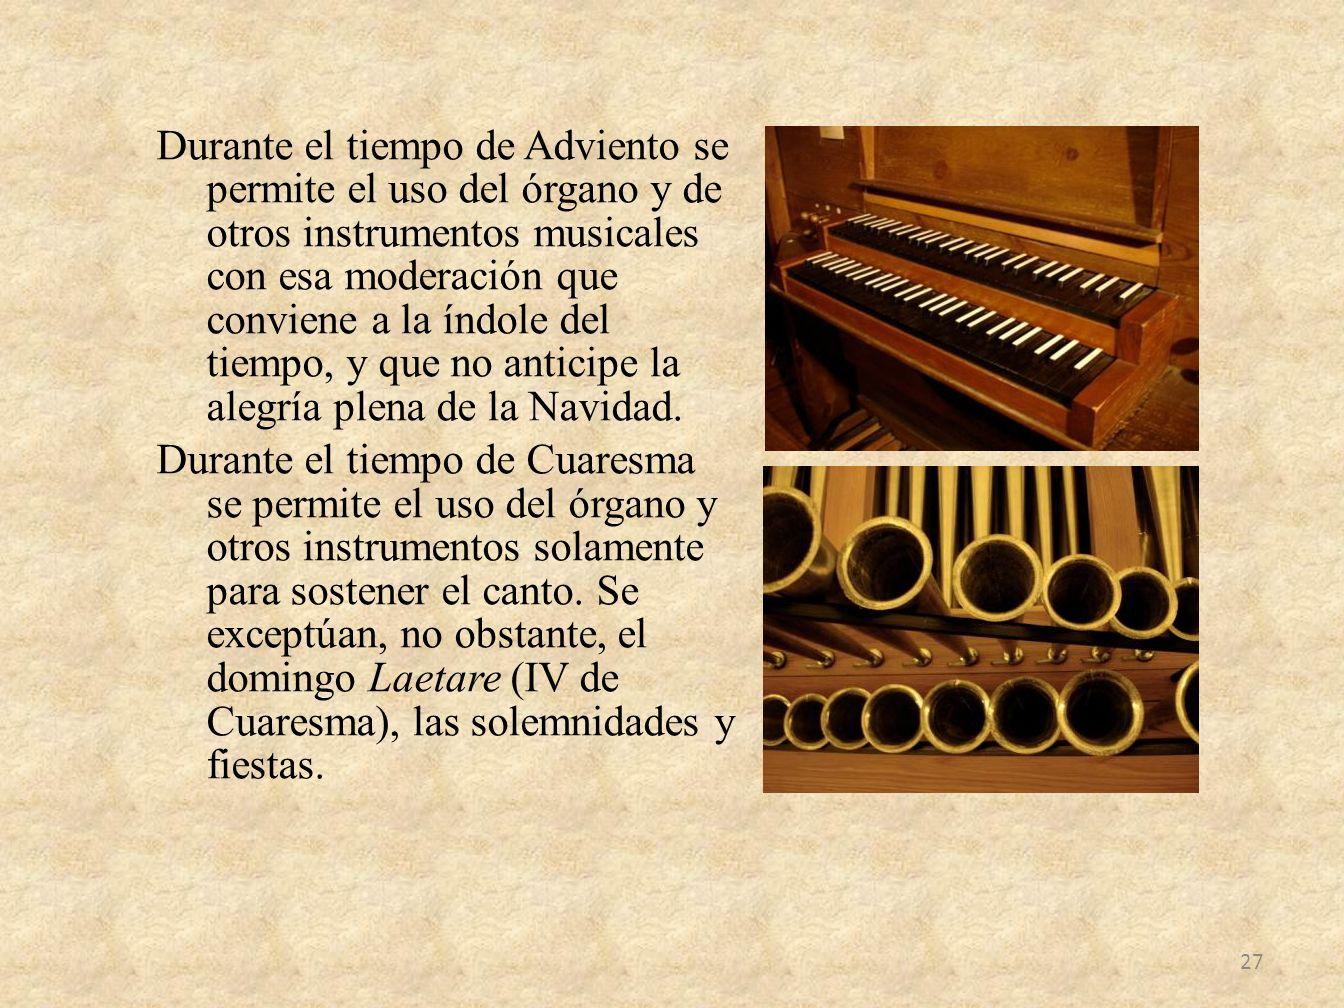 Durante el tiempo de Adviento se permite el uso del órgano y de otros instrumentos musicales con esa moderación que conviene a la índole del tiempo, y